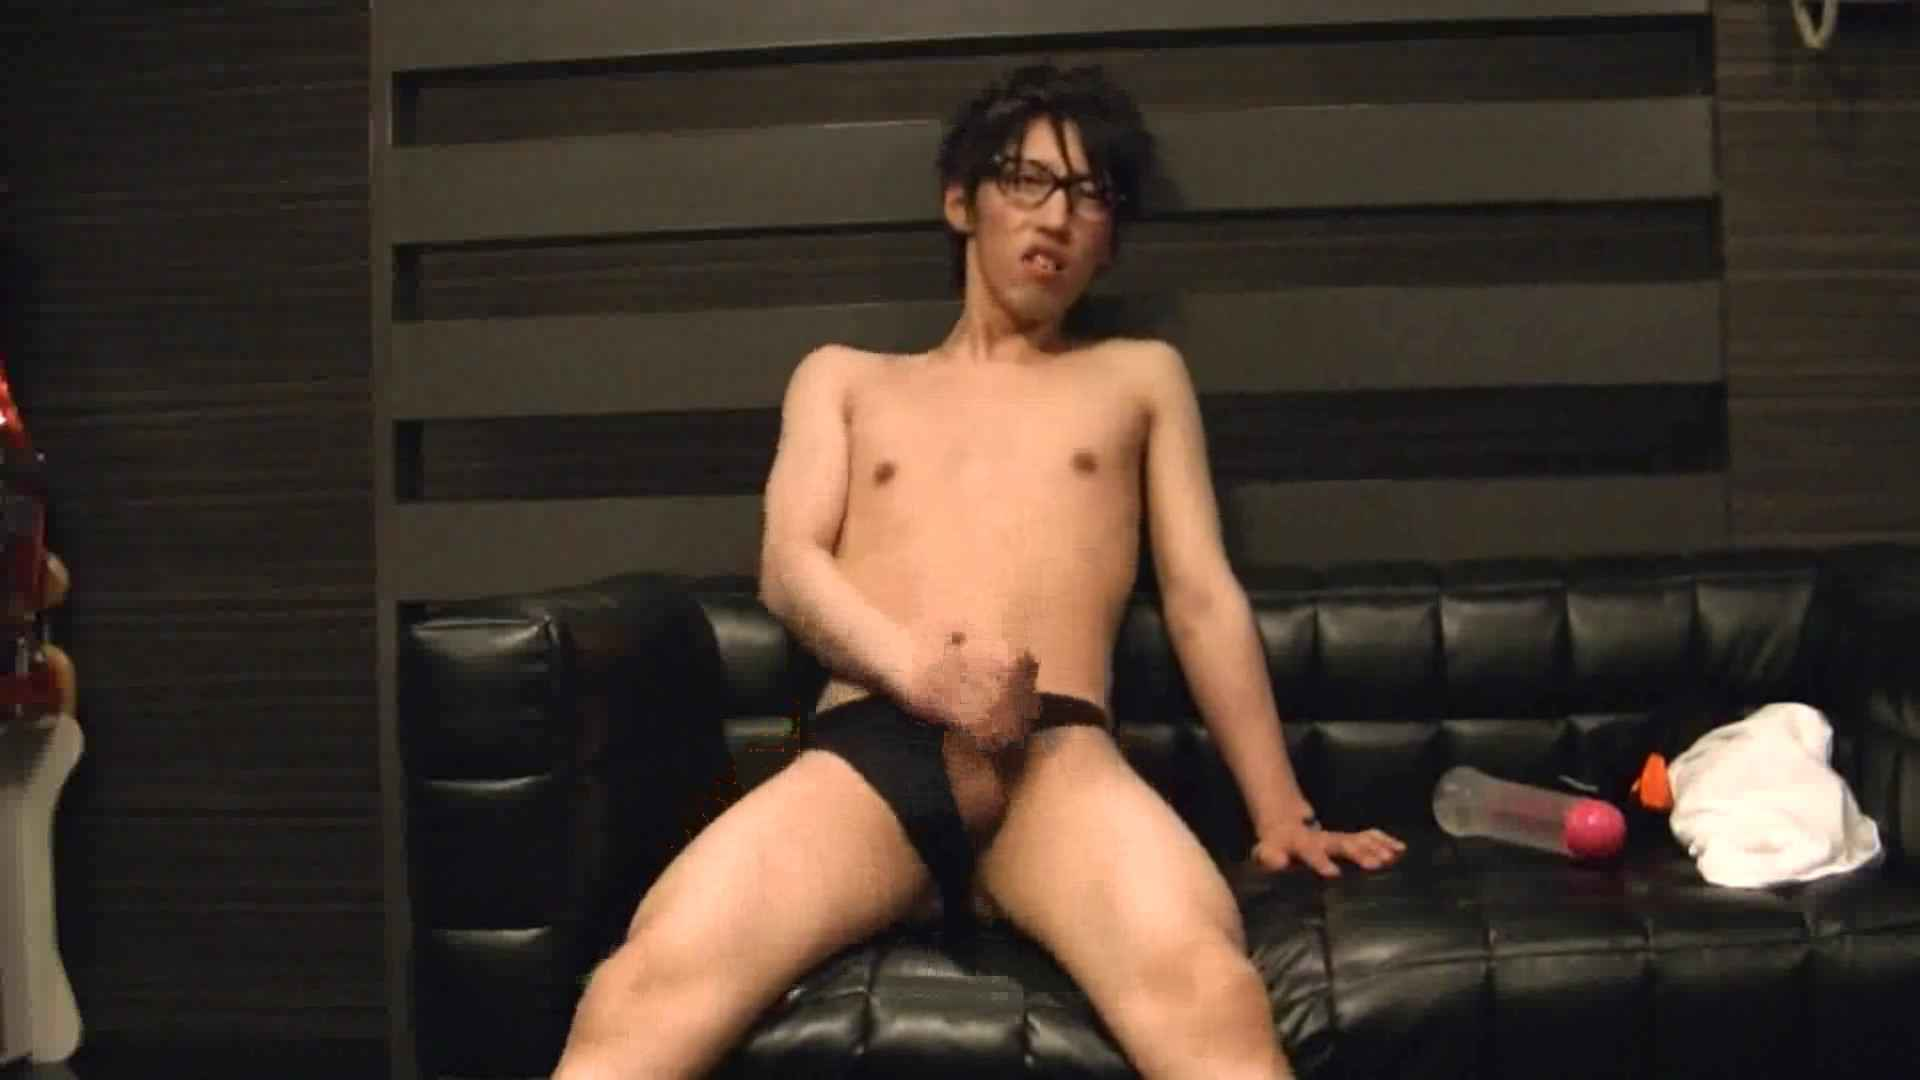 ONA見せカーニバル!! Vol3 ゲイのオナニー映像  103枚 8